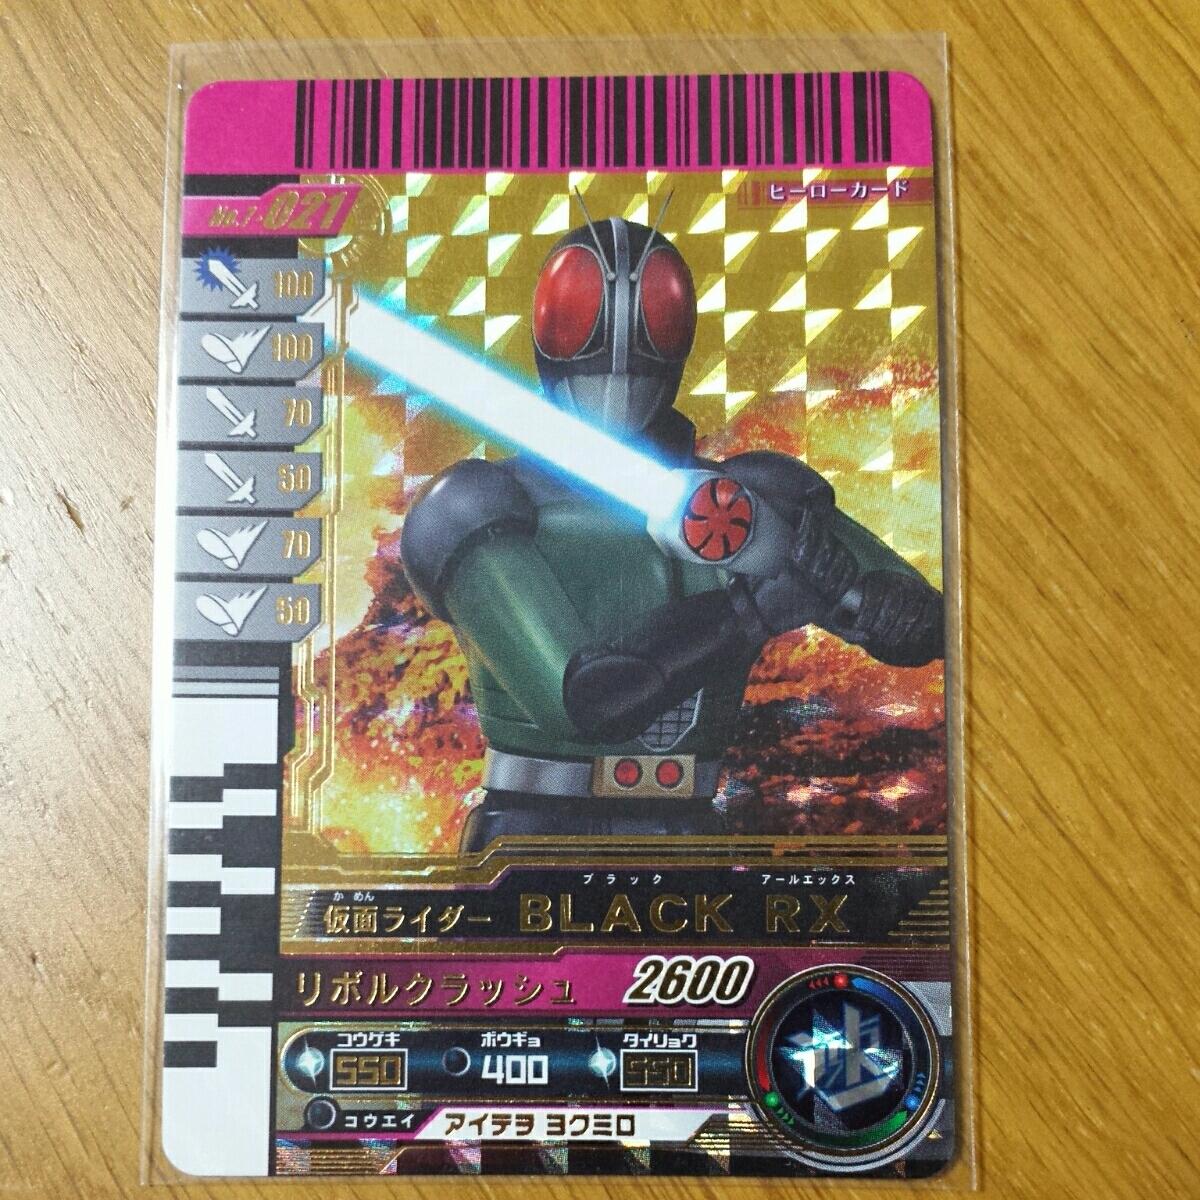 仮面ライダーバトル ガンバライド 7-021 仮面ライダーBLACK RX レジェンドレア LR